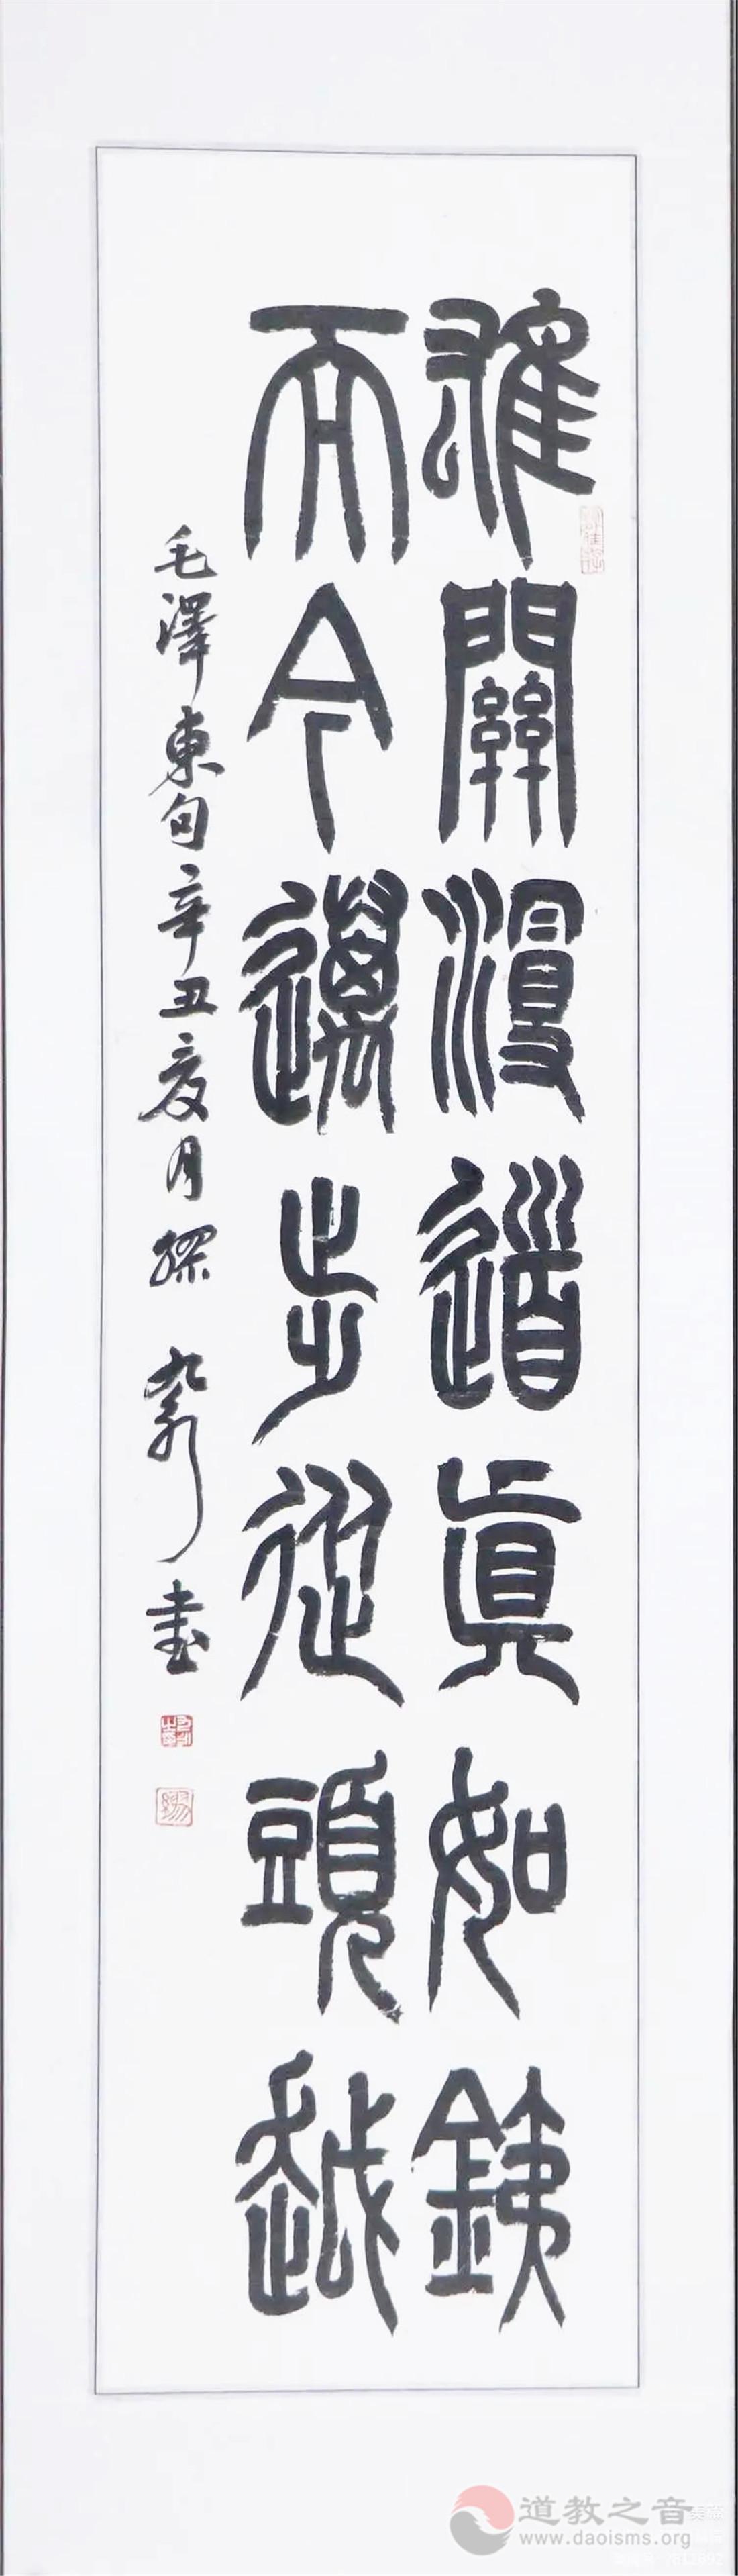 作者:缪久永